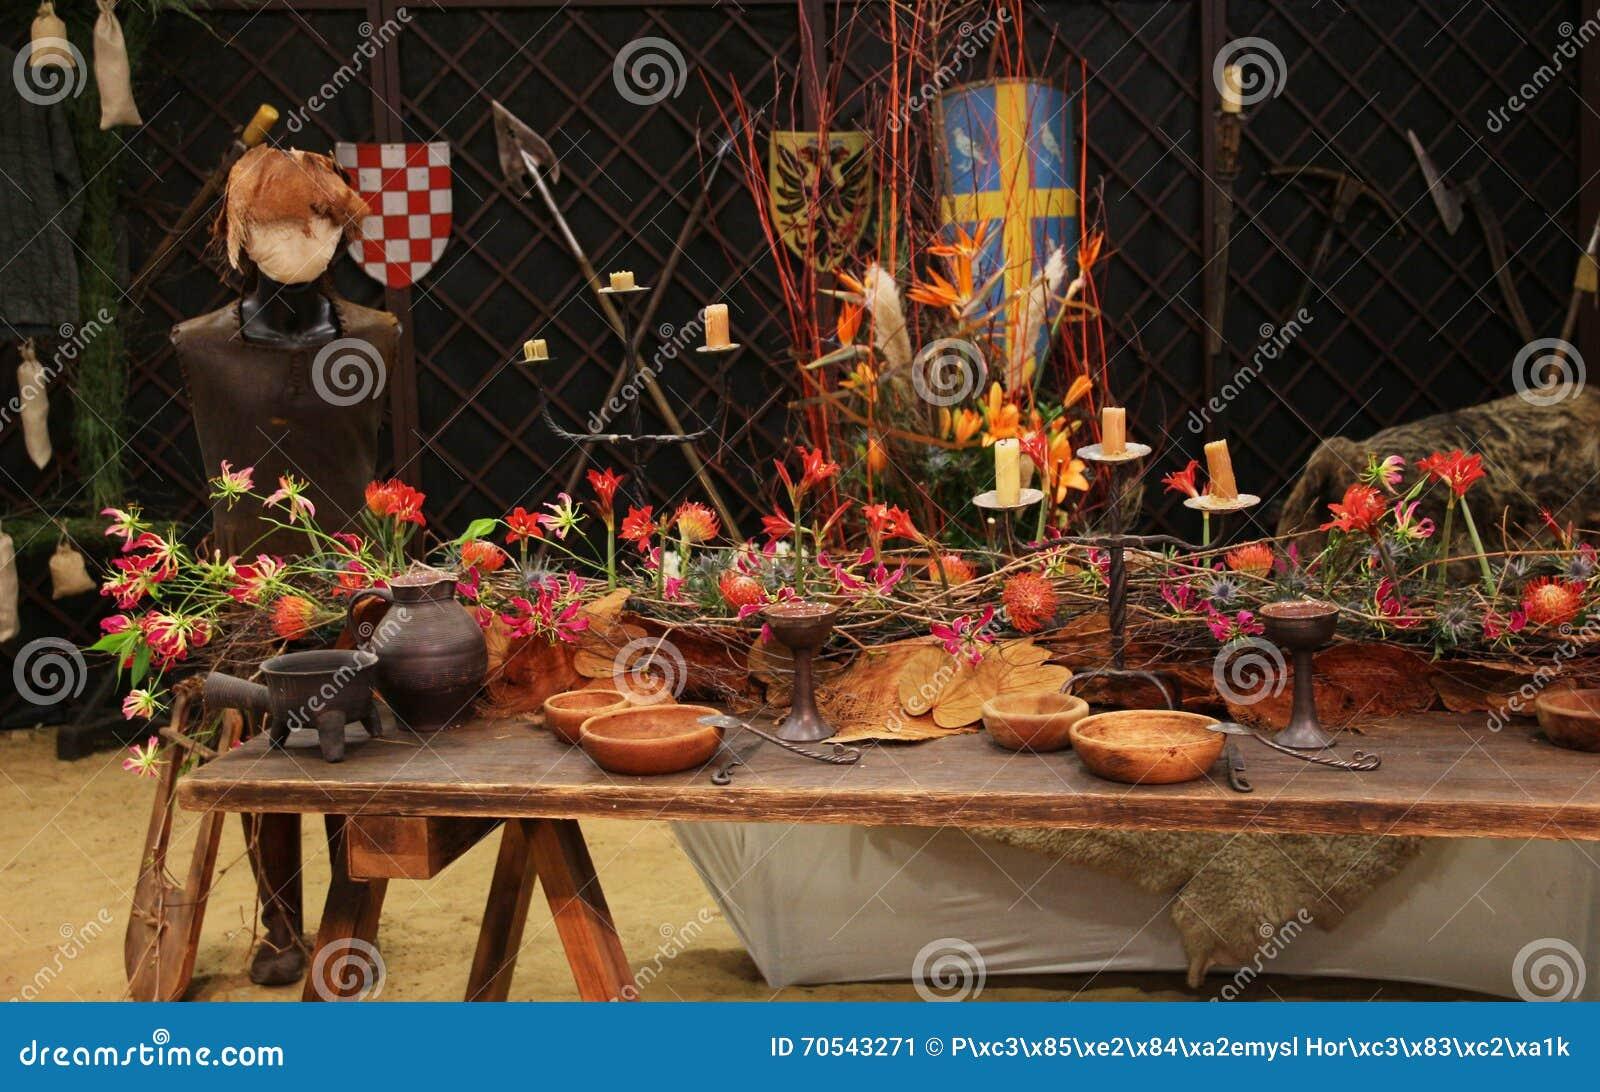 medieval banquet table decorations – Loris Decoration